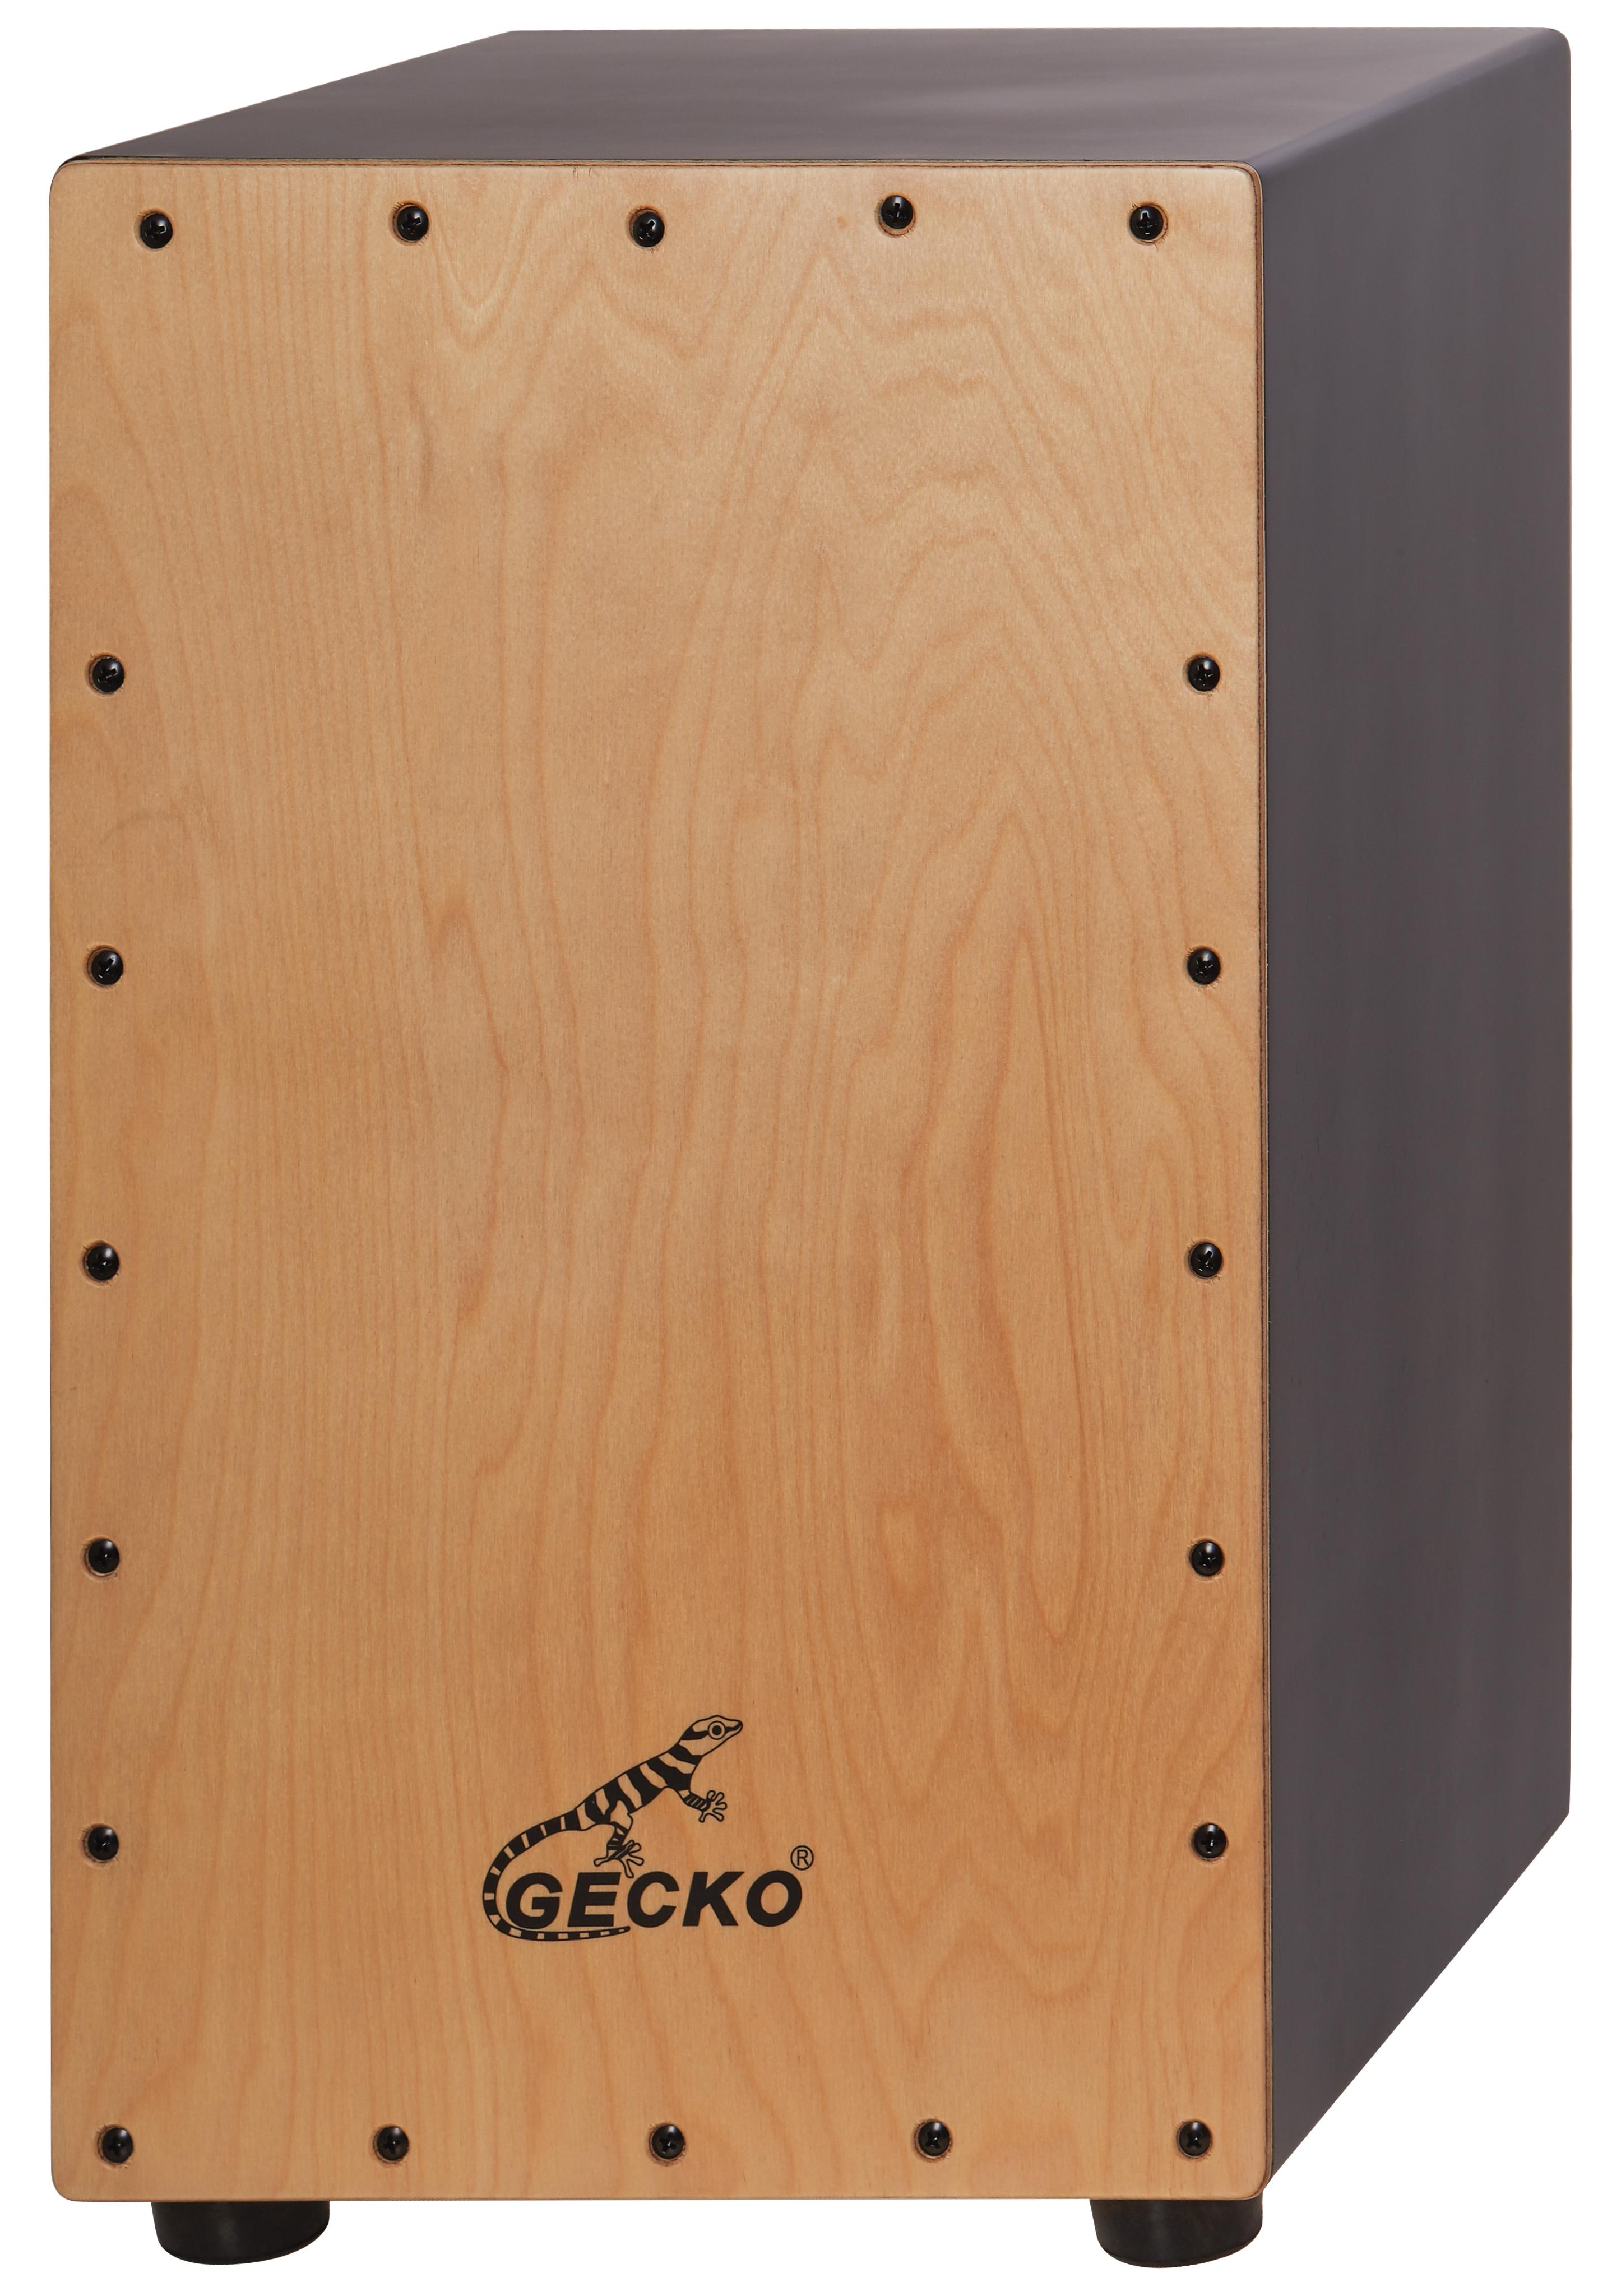 GECKO CL12NB